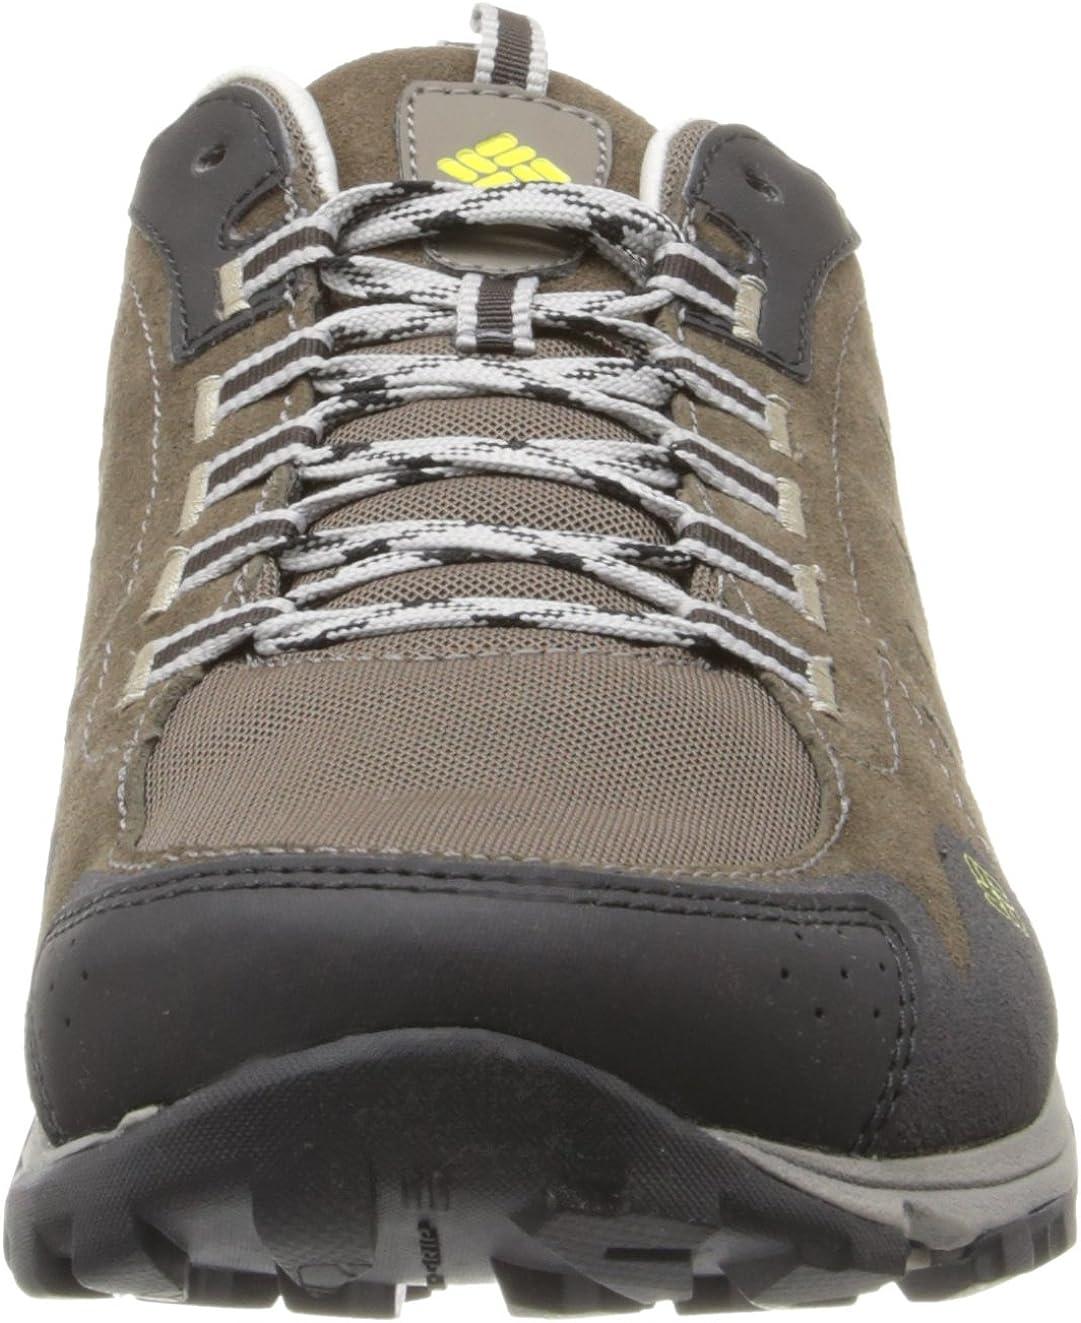 Columbia Conspiracy Razor Leather - Zapatillas de Senderismo de cuero hombre, Marrón (Braun (Mud, Chartreuse 255)), 40: Amazon.es: Zapatos y complementos